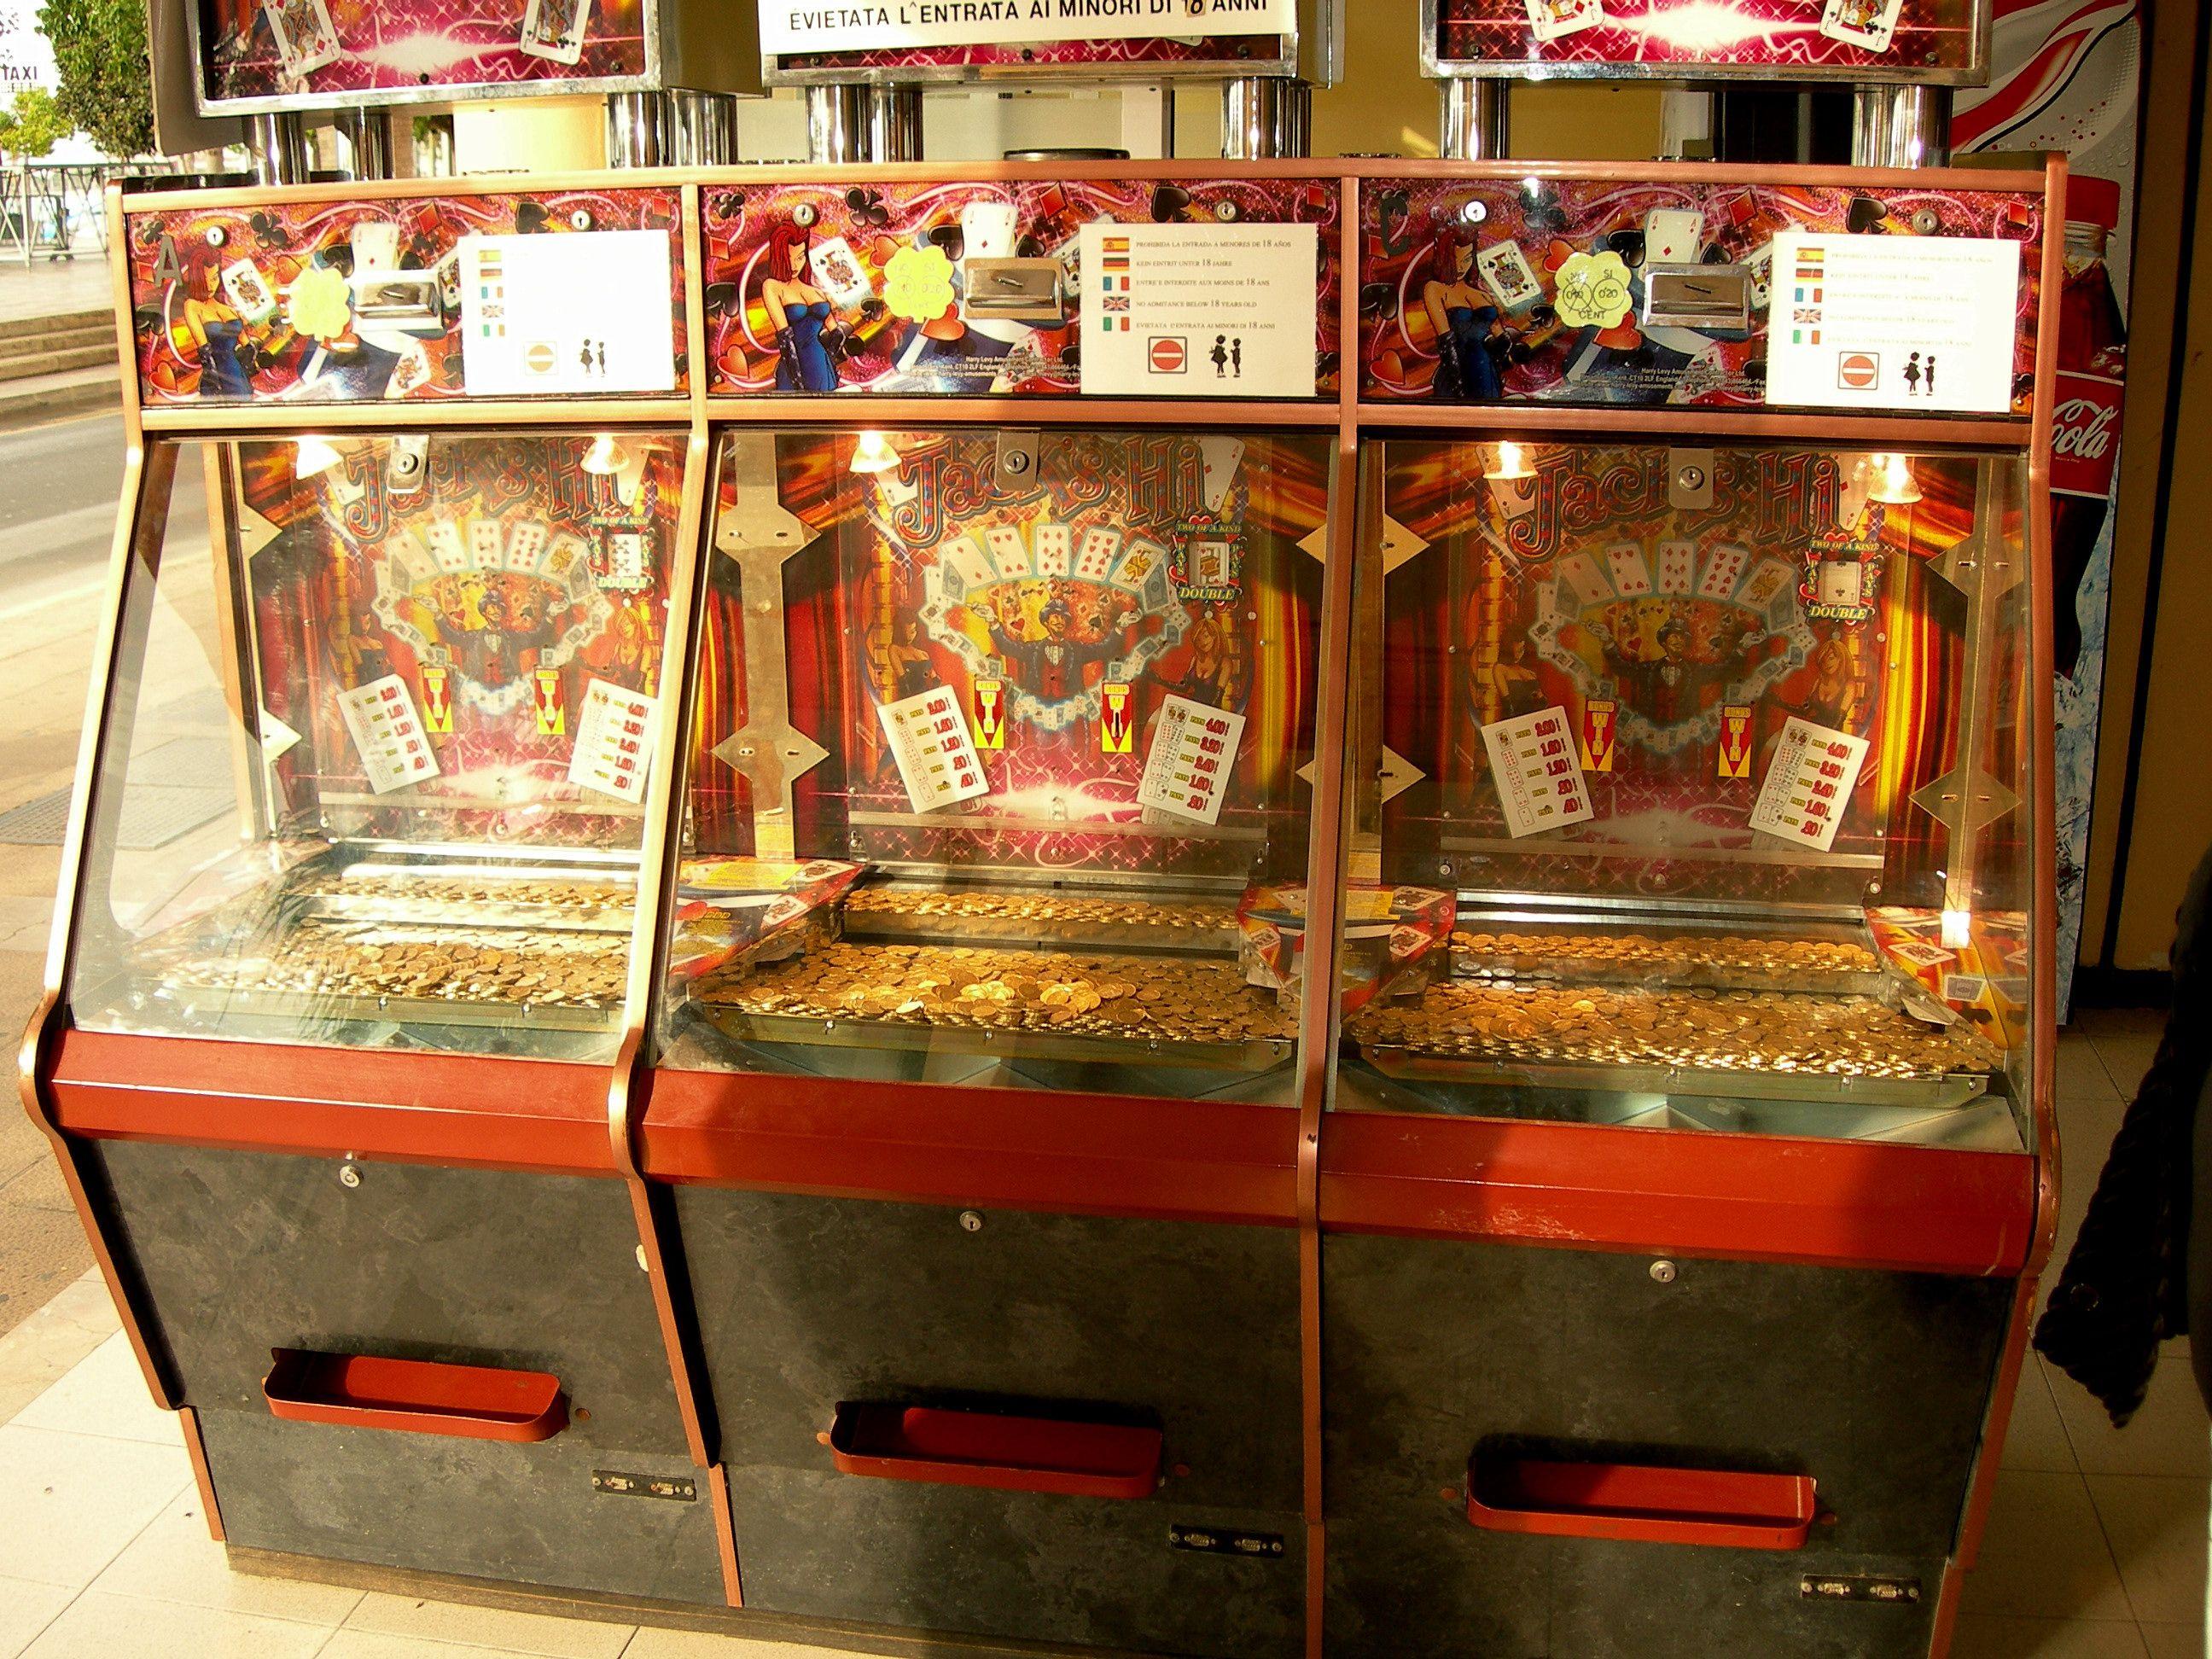 roulette automat kaufen Mönchengladbach